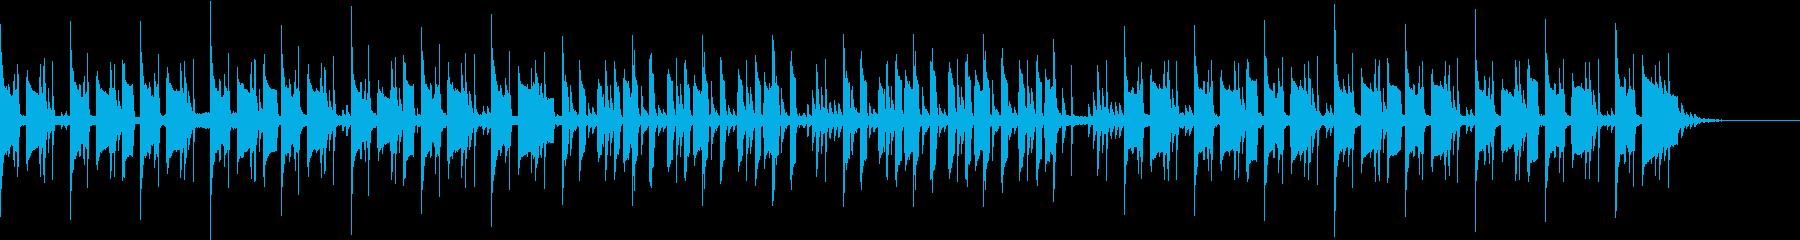 ベース主体の不穏なシーンで映えるBGMの再生済みの波形